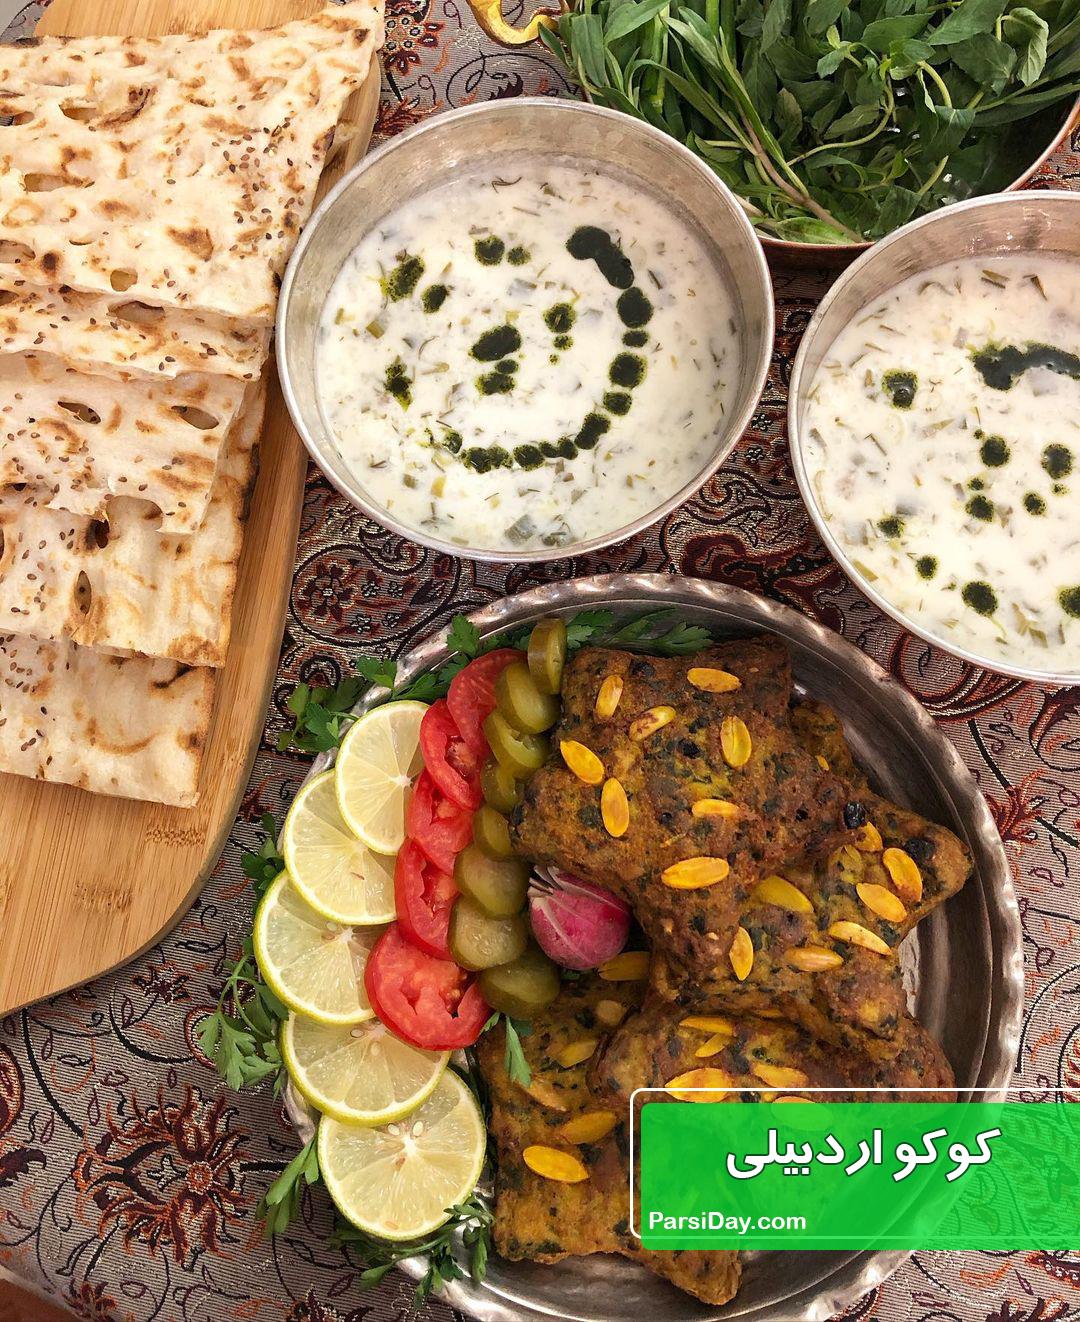 طرز تهیه کوکو اردبیلی مجلسی و خوشمزه با گوشت و اسفناج